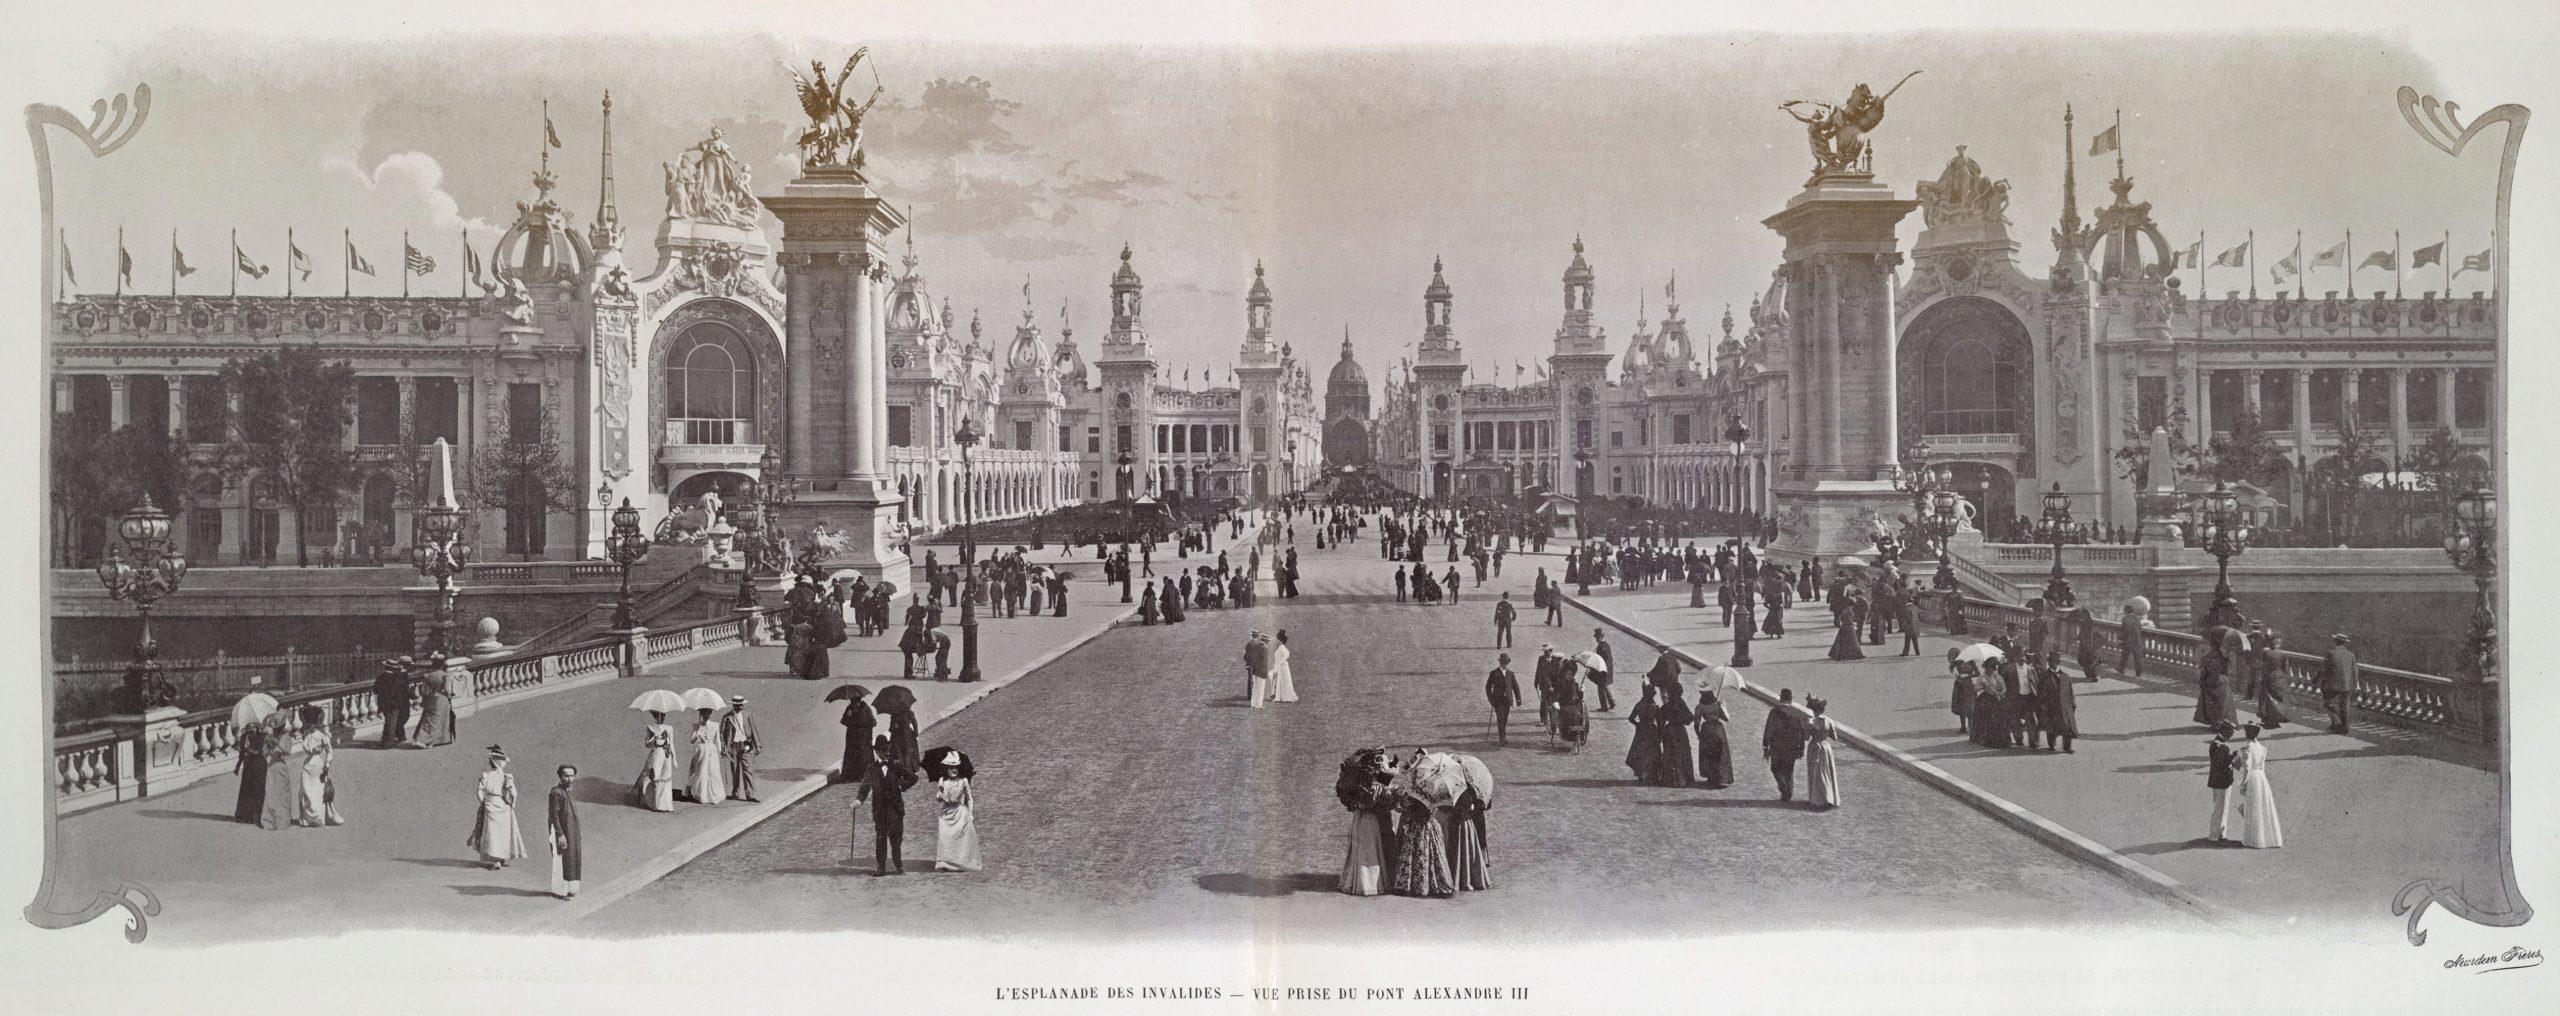 L'esplanade_des_Invalides,_vue_prise_du_pont_Alexandre_III,_Exposition_universelle_internationale_de_1900